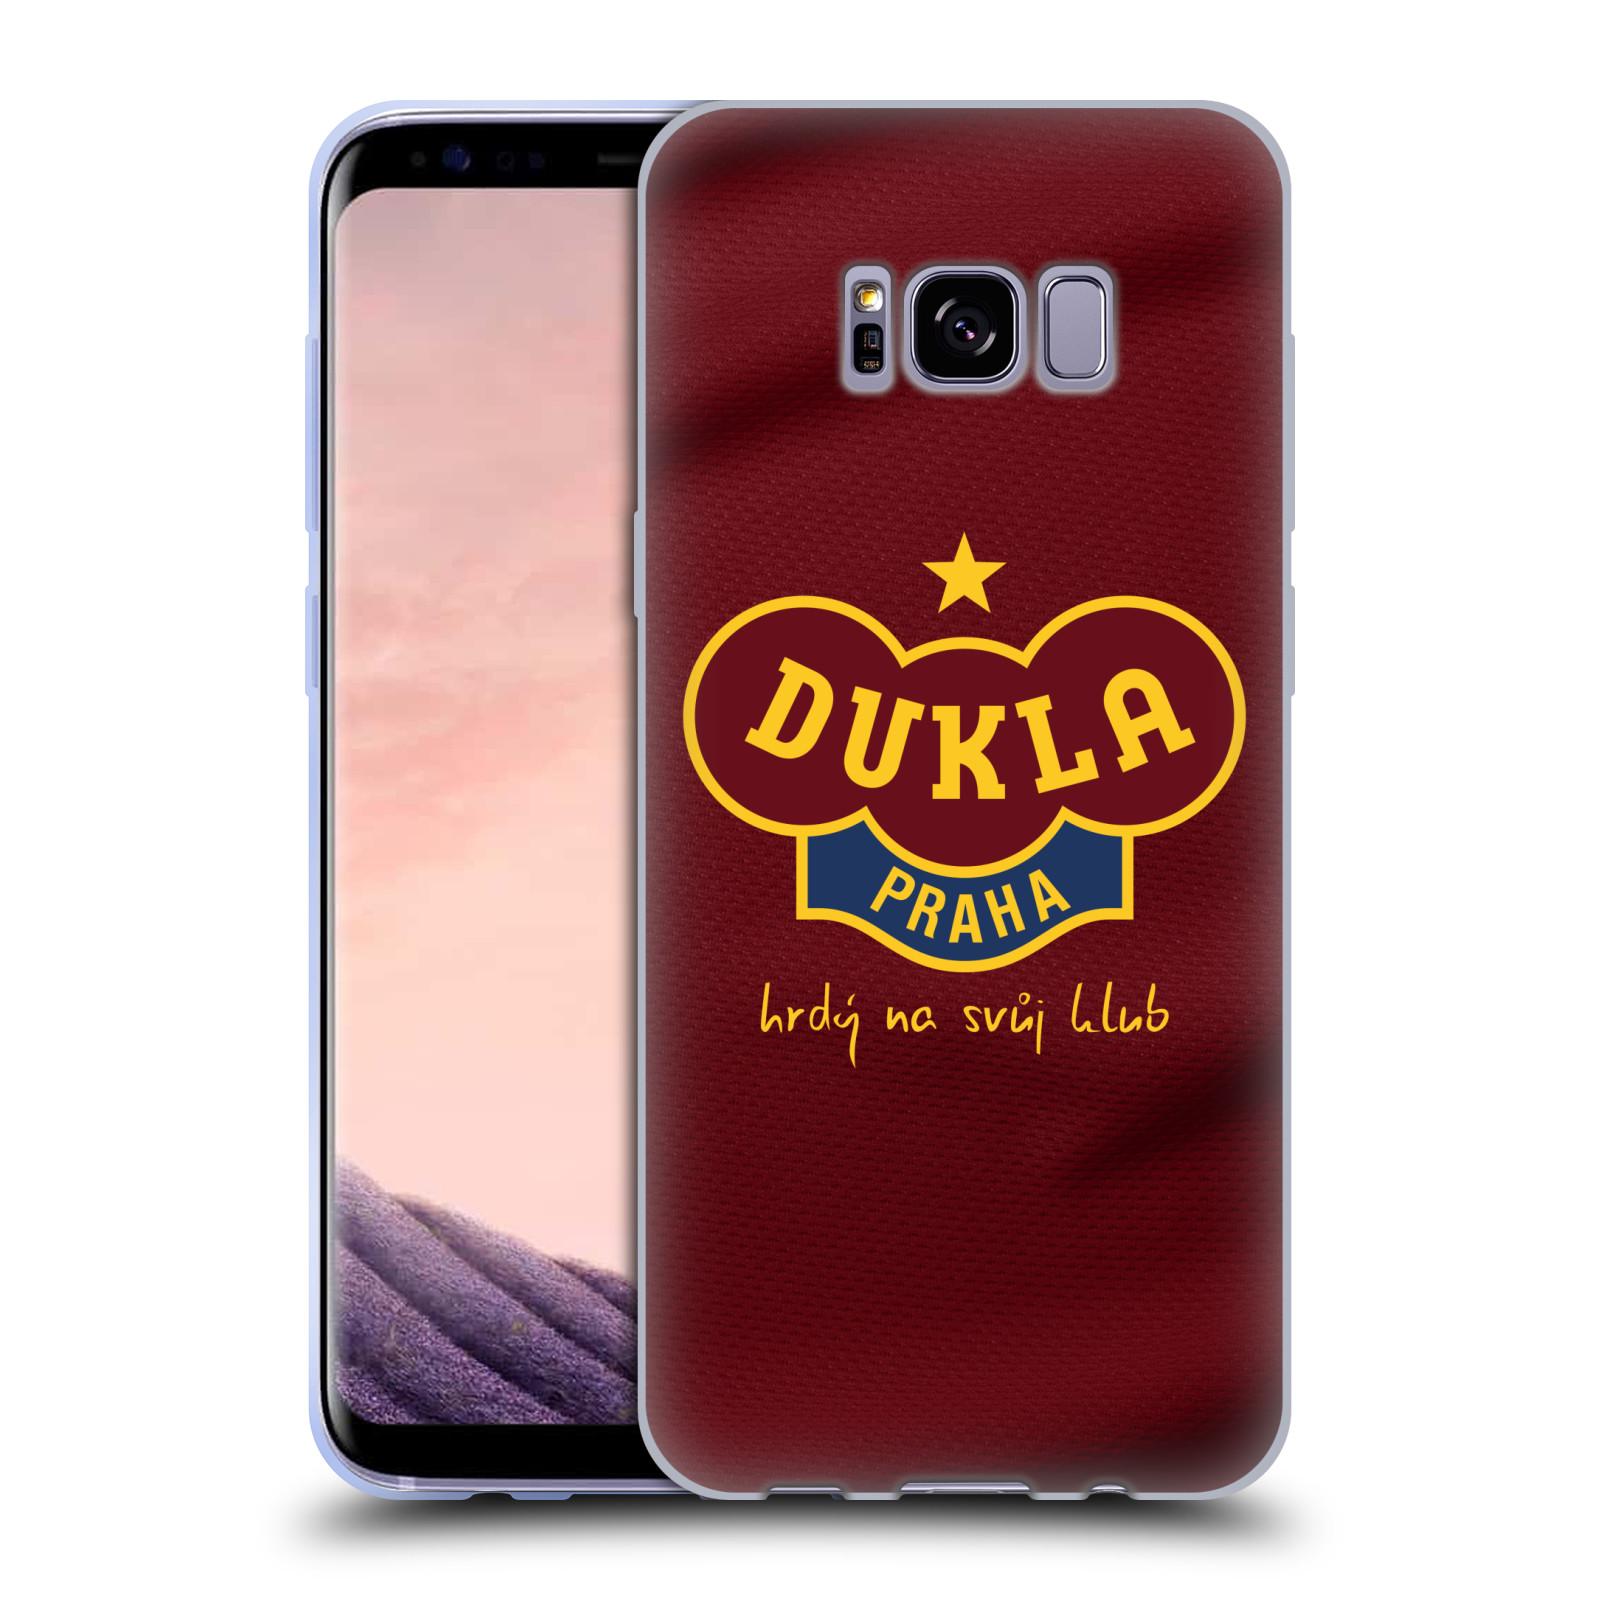 Silikonové pouzdro na mobil Samsung Galaxy S8+ (Plus) - FK Dukla Praha - Vínově červený dres